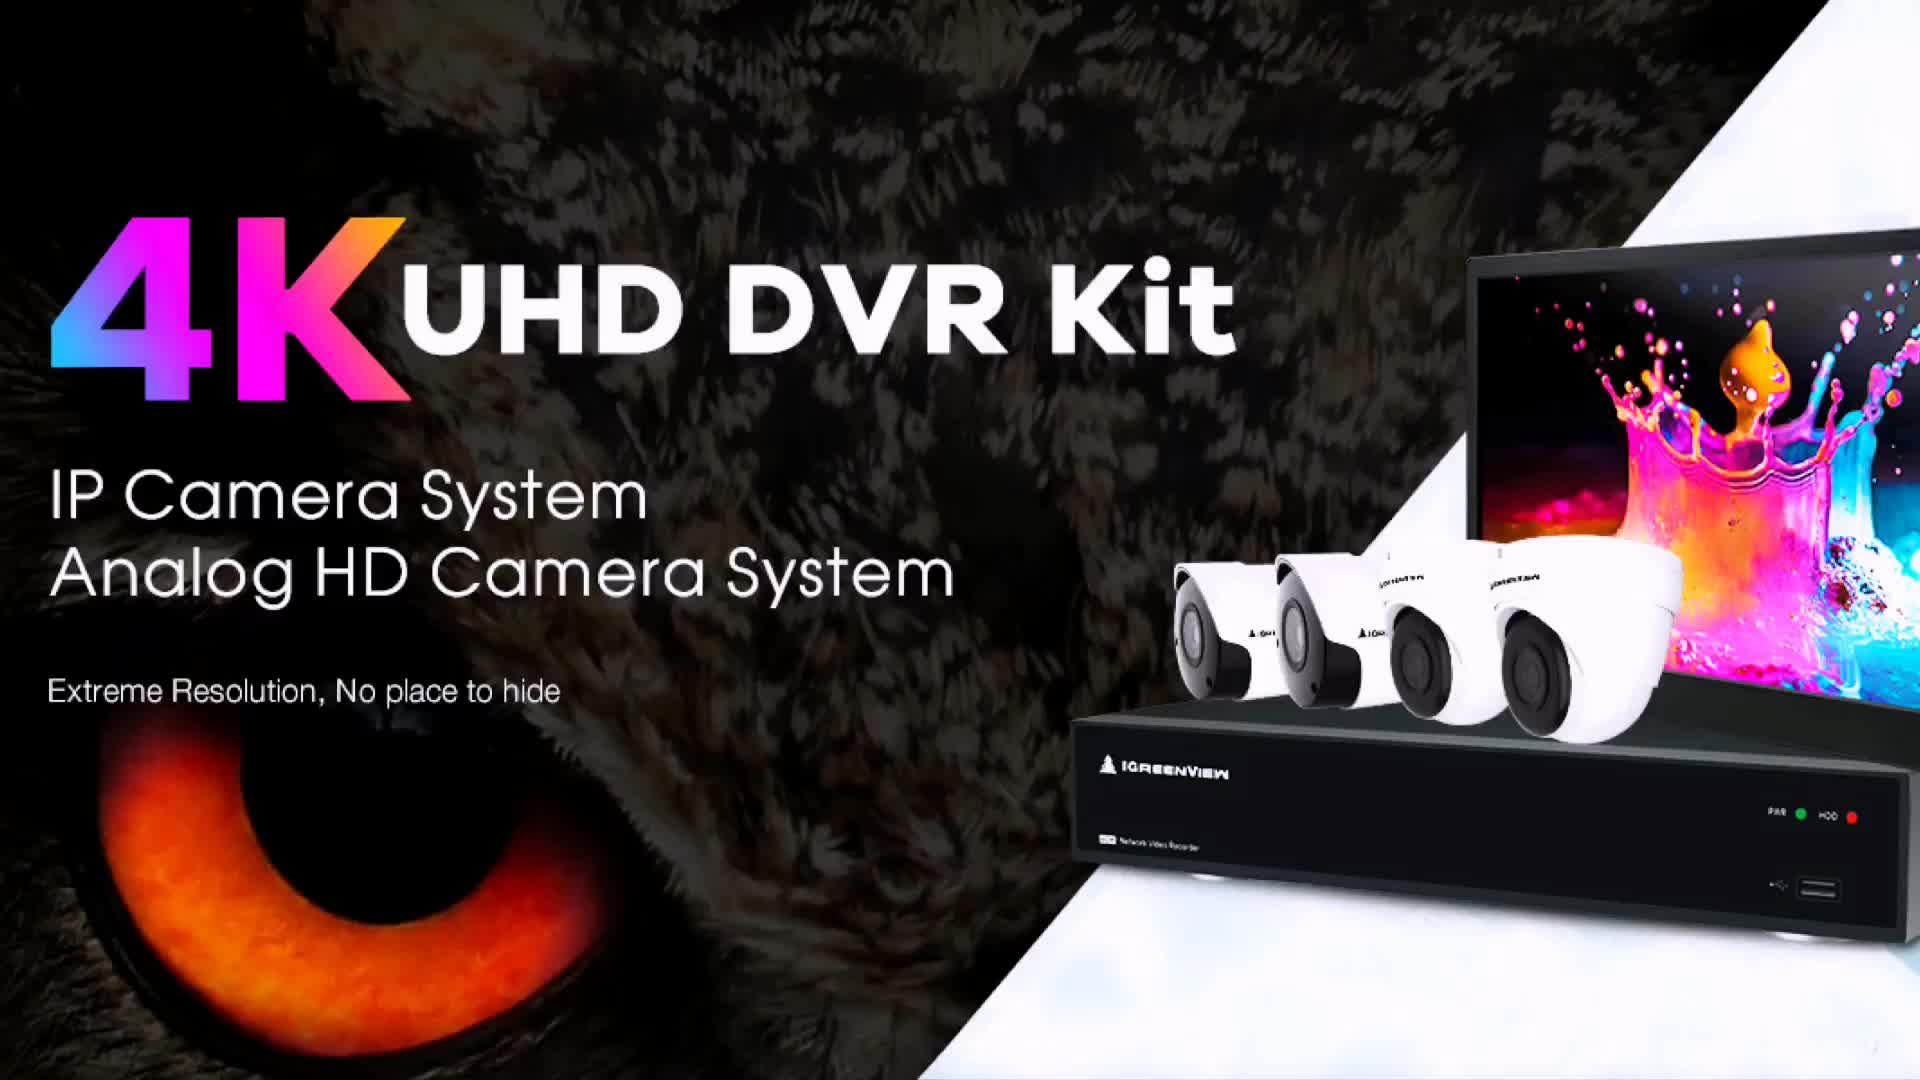 IGreenView h.264 नेटवर्क डिजिटल वीडियो रिकॉर्डर प्रणाली 16ch H.265 4 K AHD DVR